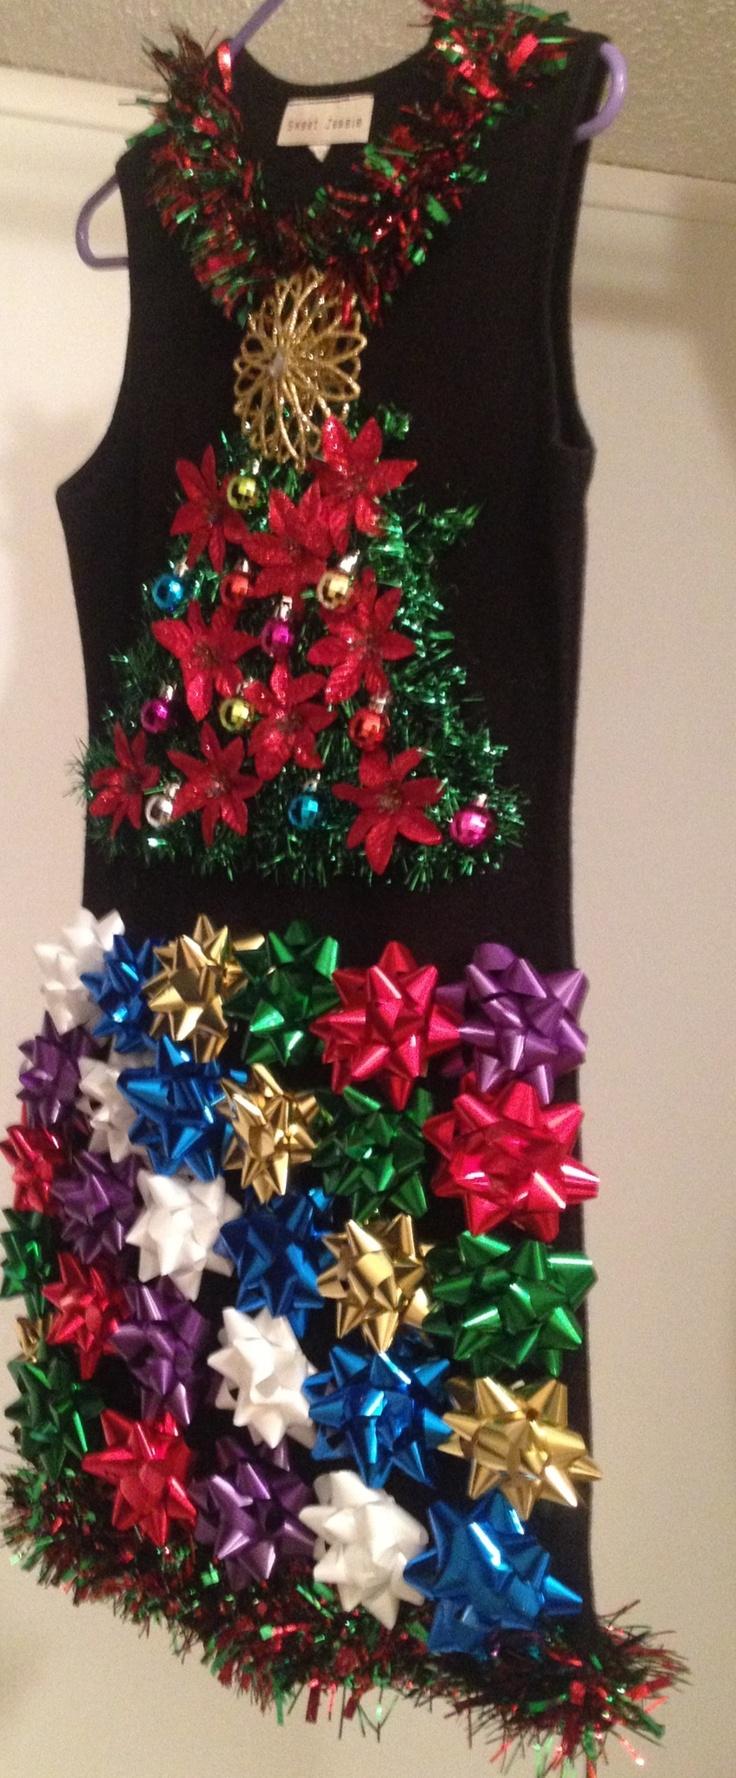 94 best Ugly Christmas Sweaters images on Pinterest | La la la ...